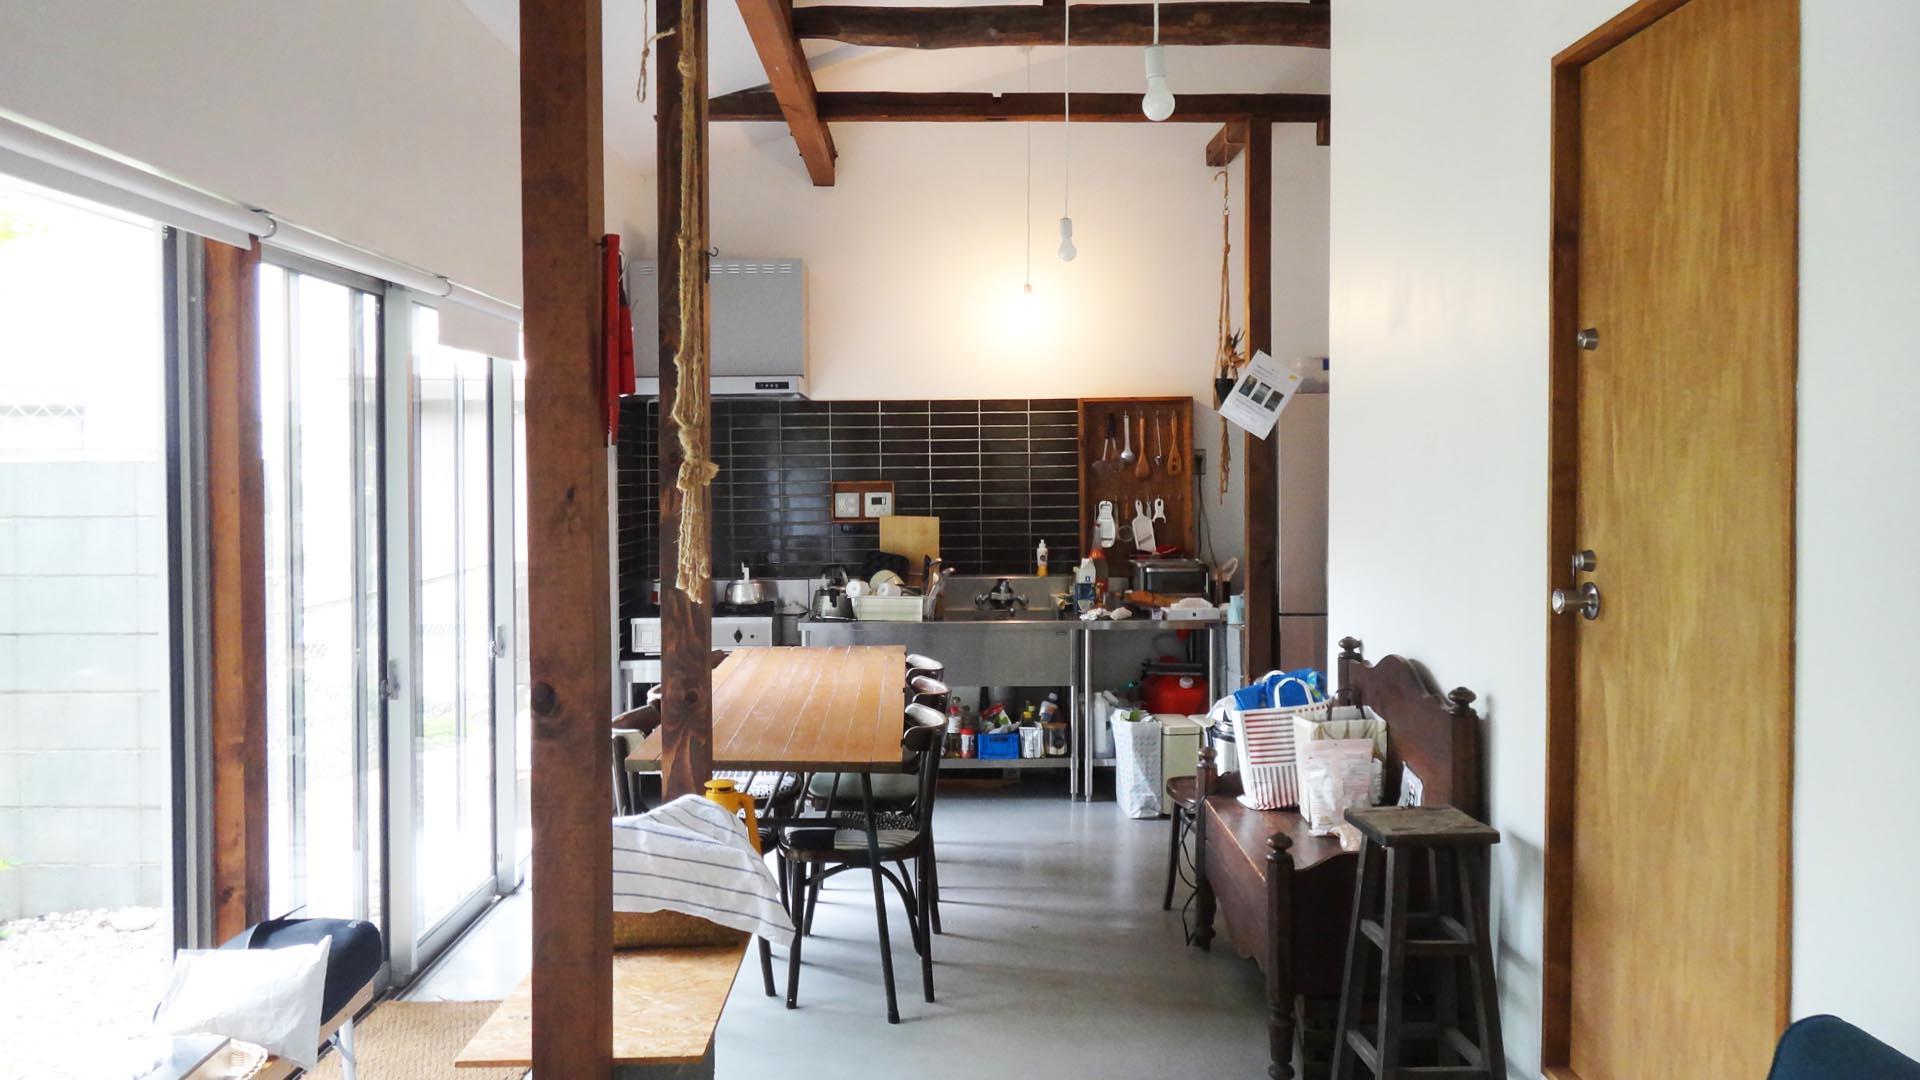 共用リビングにはキッチン、ダイニング、ソファなどがあってくつろげます